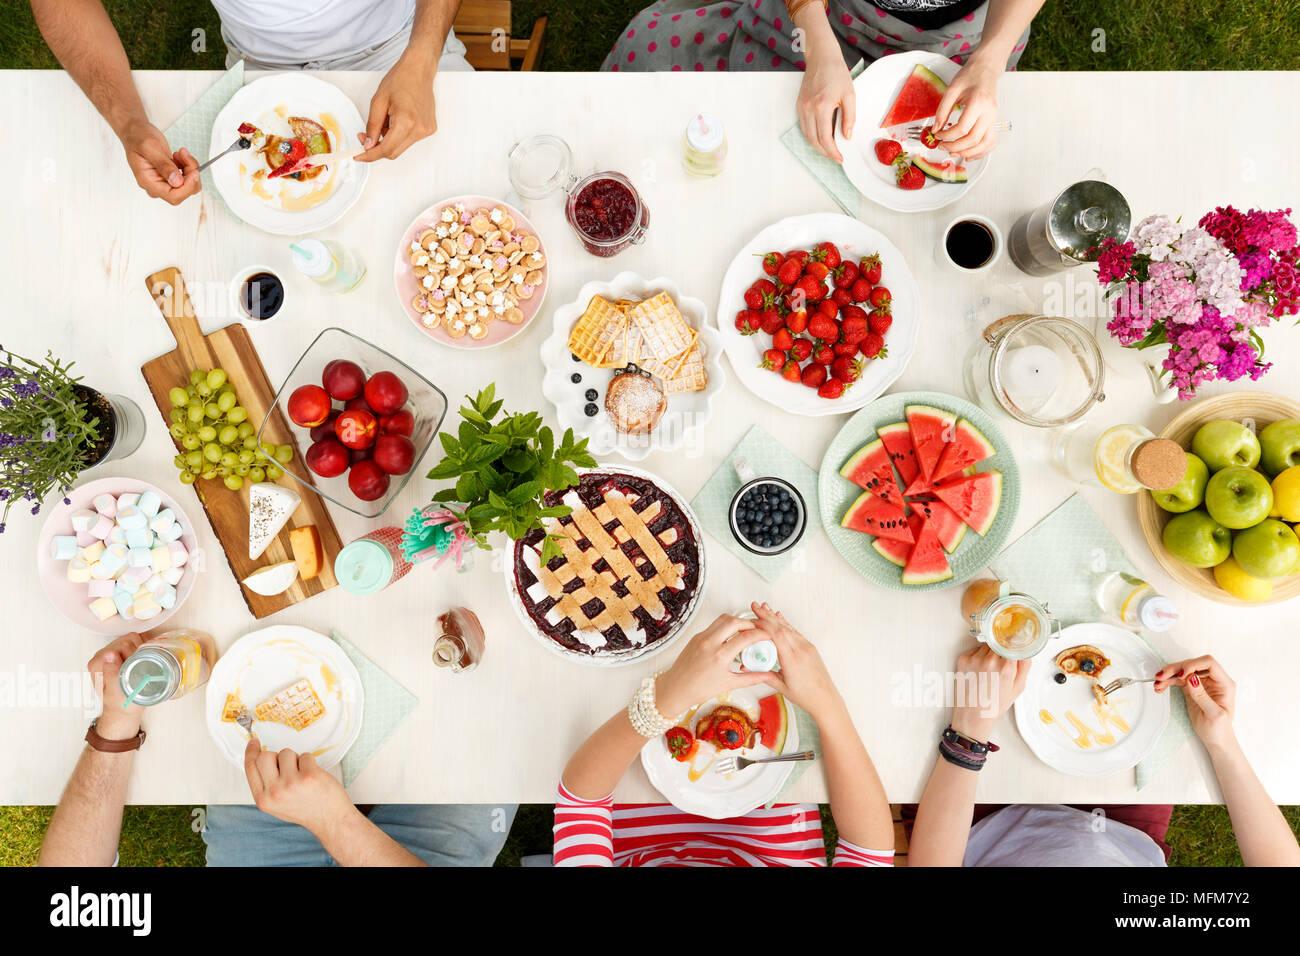 Grupo de mestizos amigos comiendo y bebiendo fuera Imagen De Stock